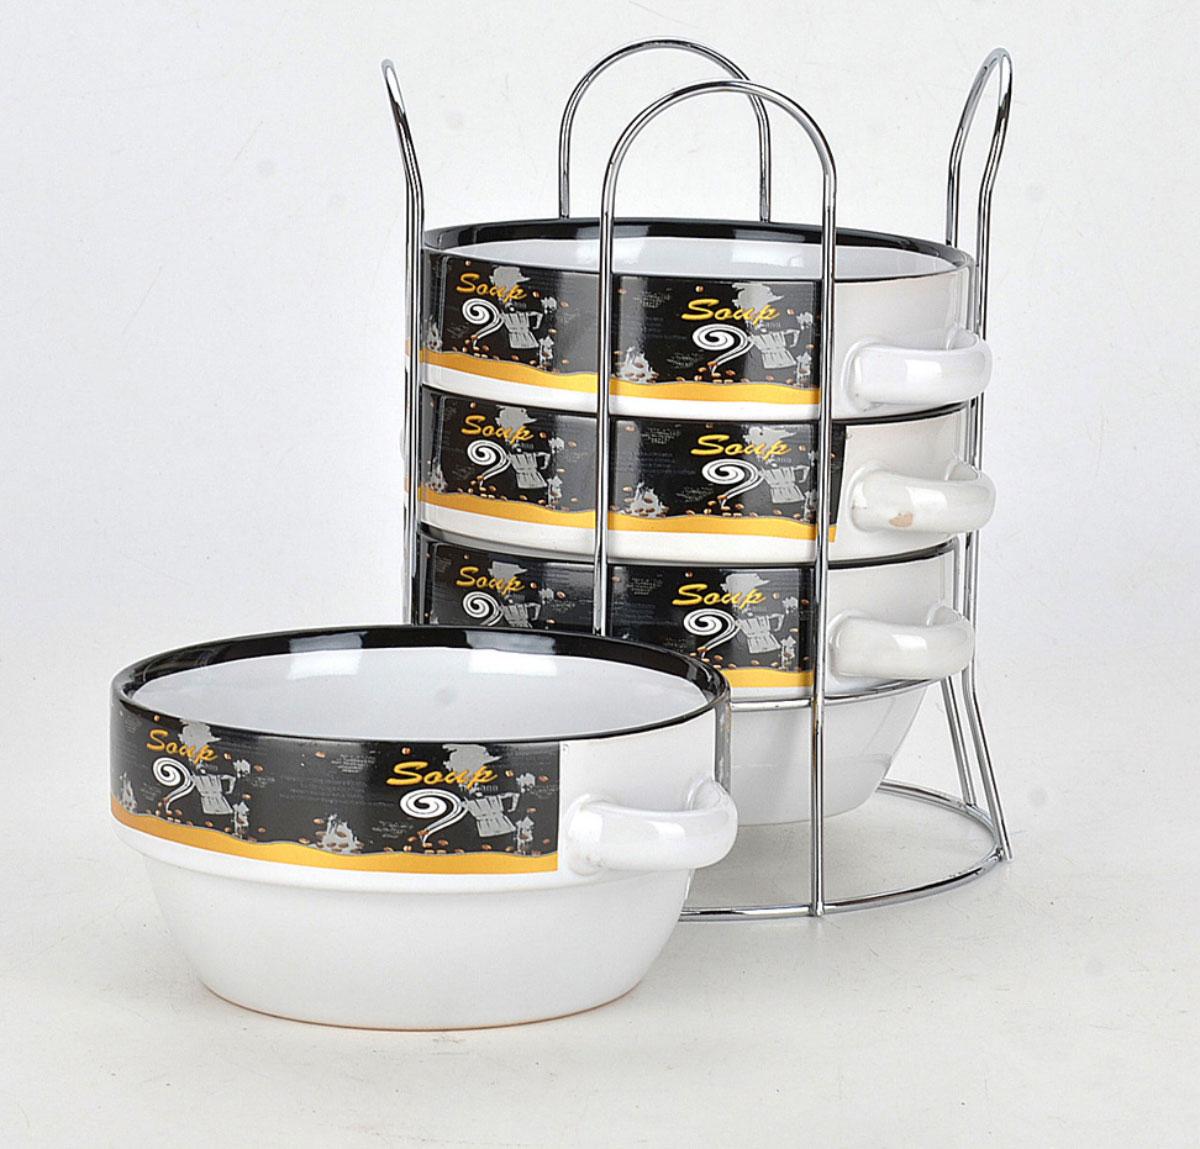 Набор супниц Loraine, на подставке, 575 мл, 5 предметов. 2128454 009312Для хозяек, предпочитающих современный и яркий дизайн, эти супницы будут отличным кухонным сервизом. Супницы белого цвета с ярким узором сделаны из биокерамики. Набор очень удобен в использовании, благодаря подставке он очень компактно расположится на вашей кухне.Объем супницы: 575 мл.Диаметр супницы: 13,5 см.